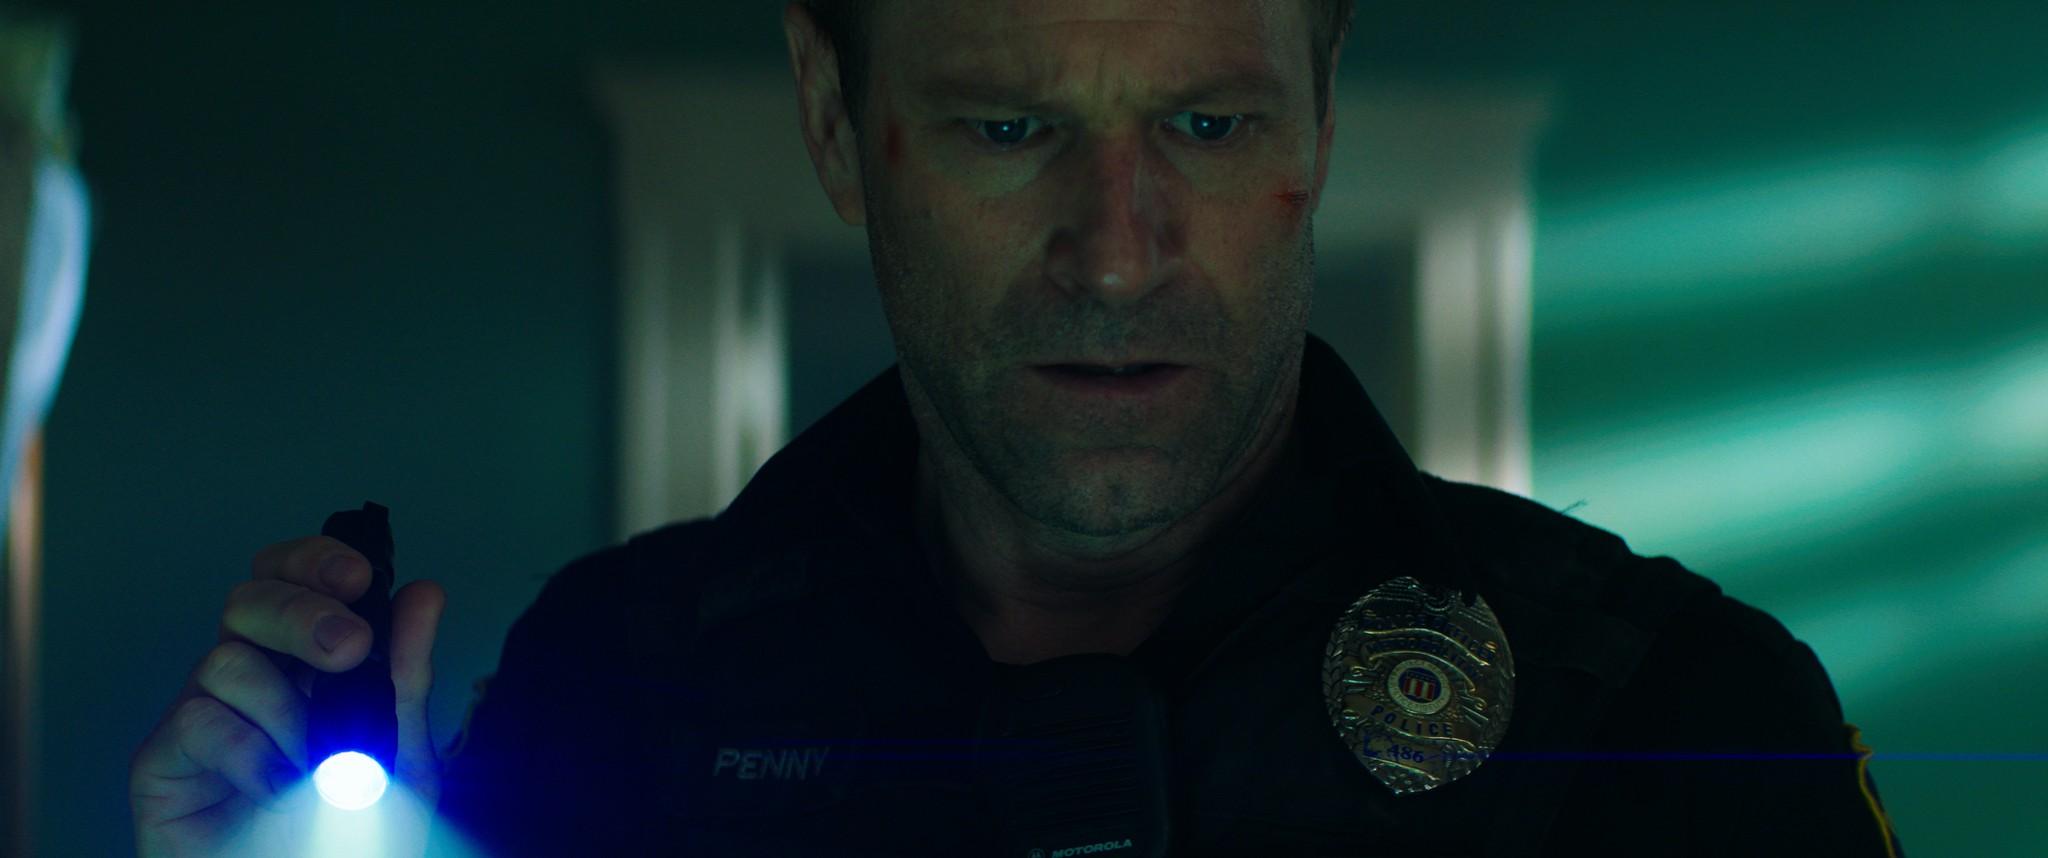 《絕命直播》多場警匪槍戰、飛車追逐與刺激爆破戲,爽度破錶